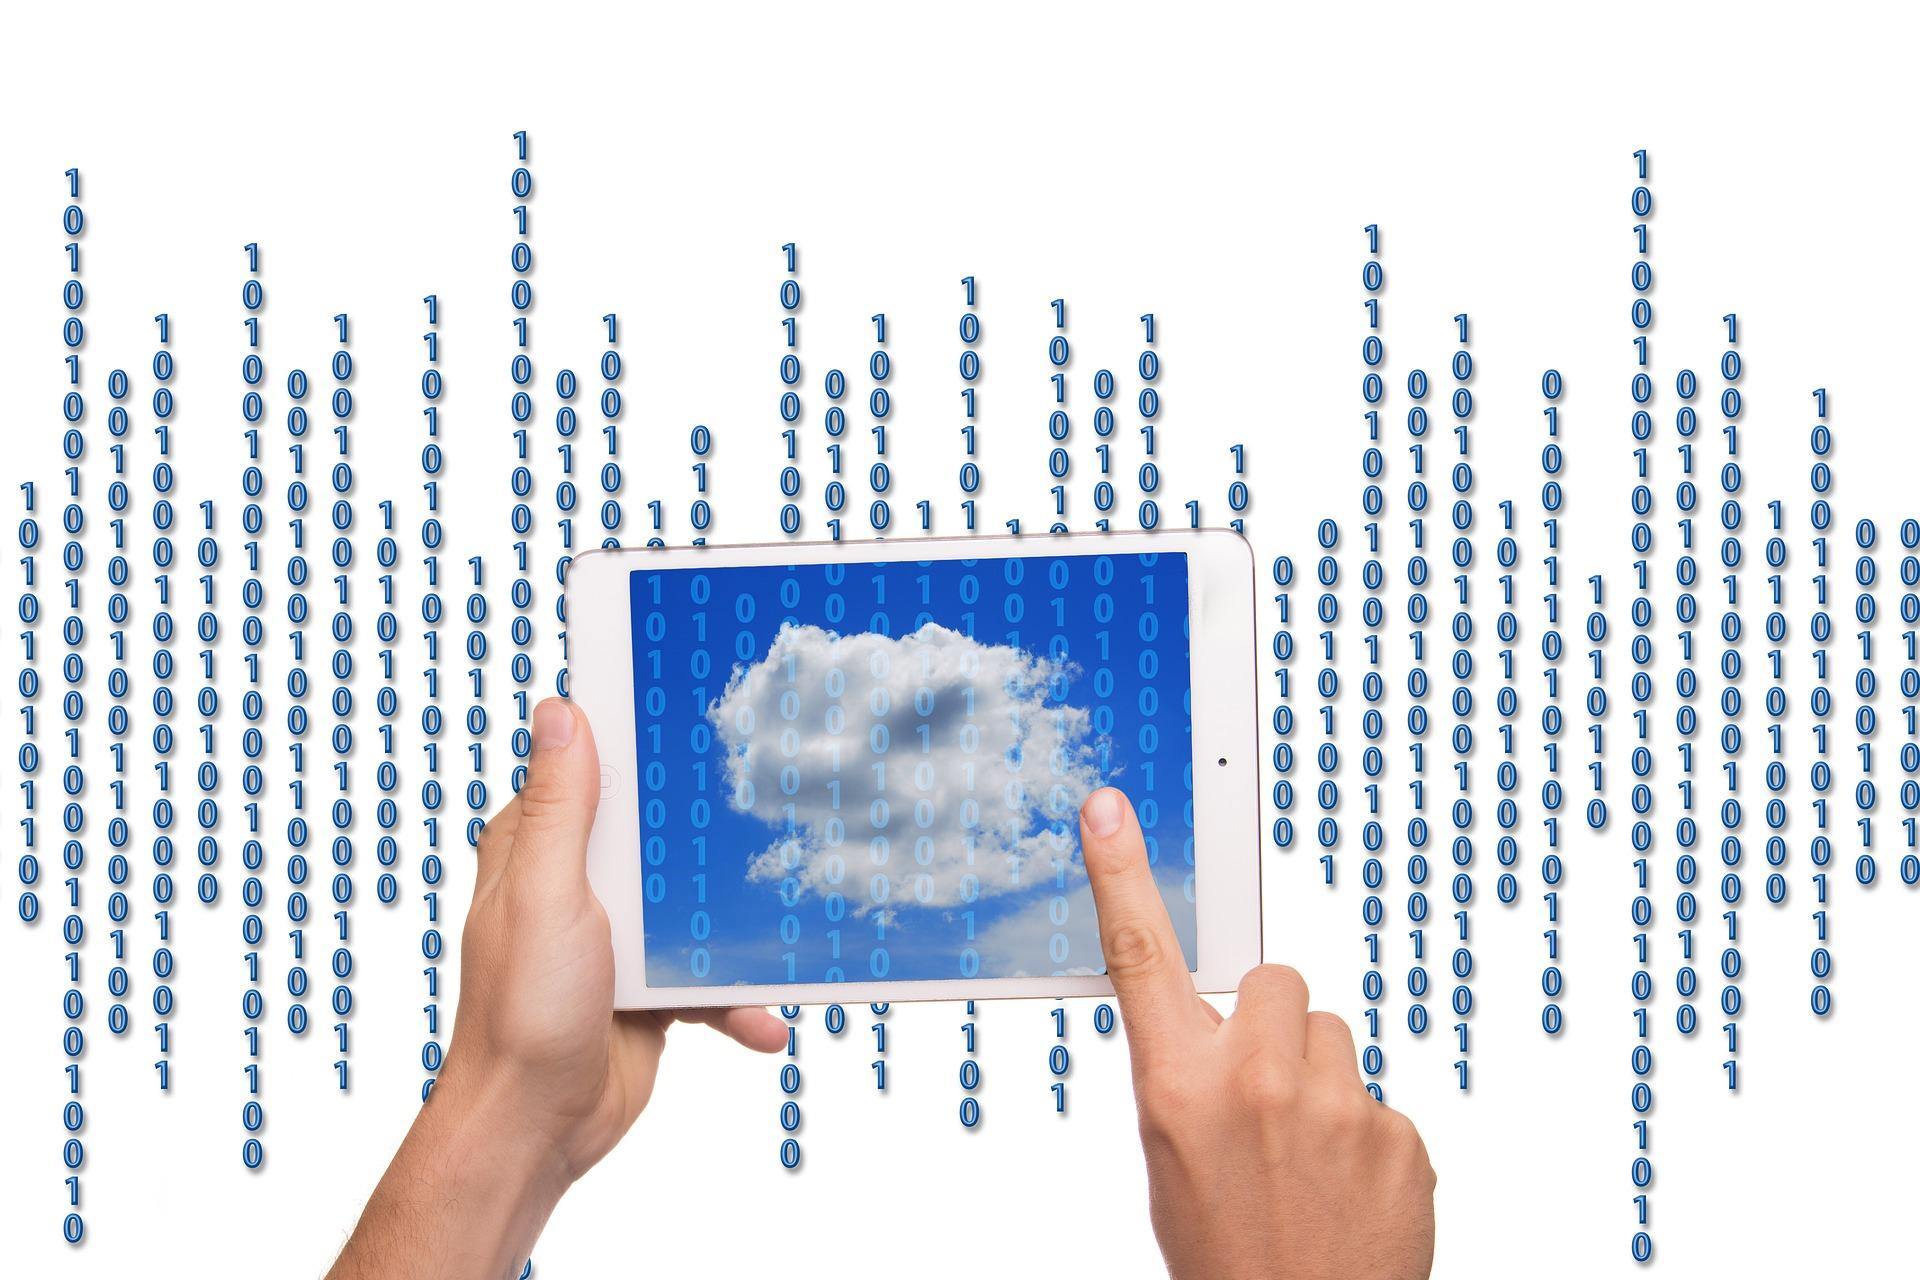 cloud-computing-2017-sneak-peeks